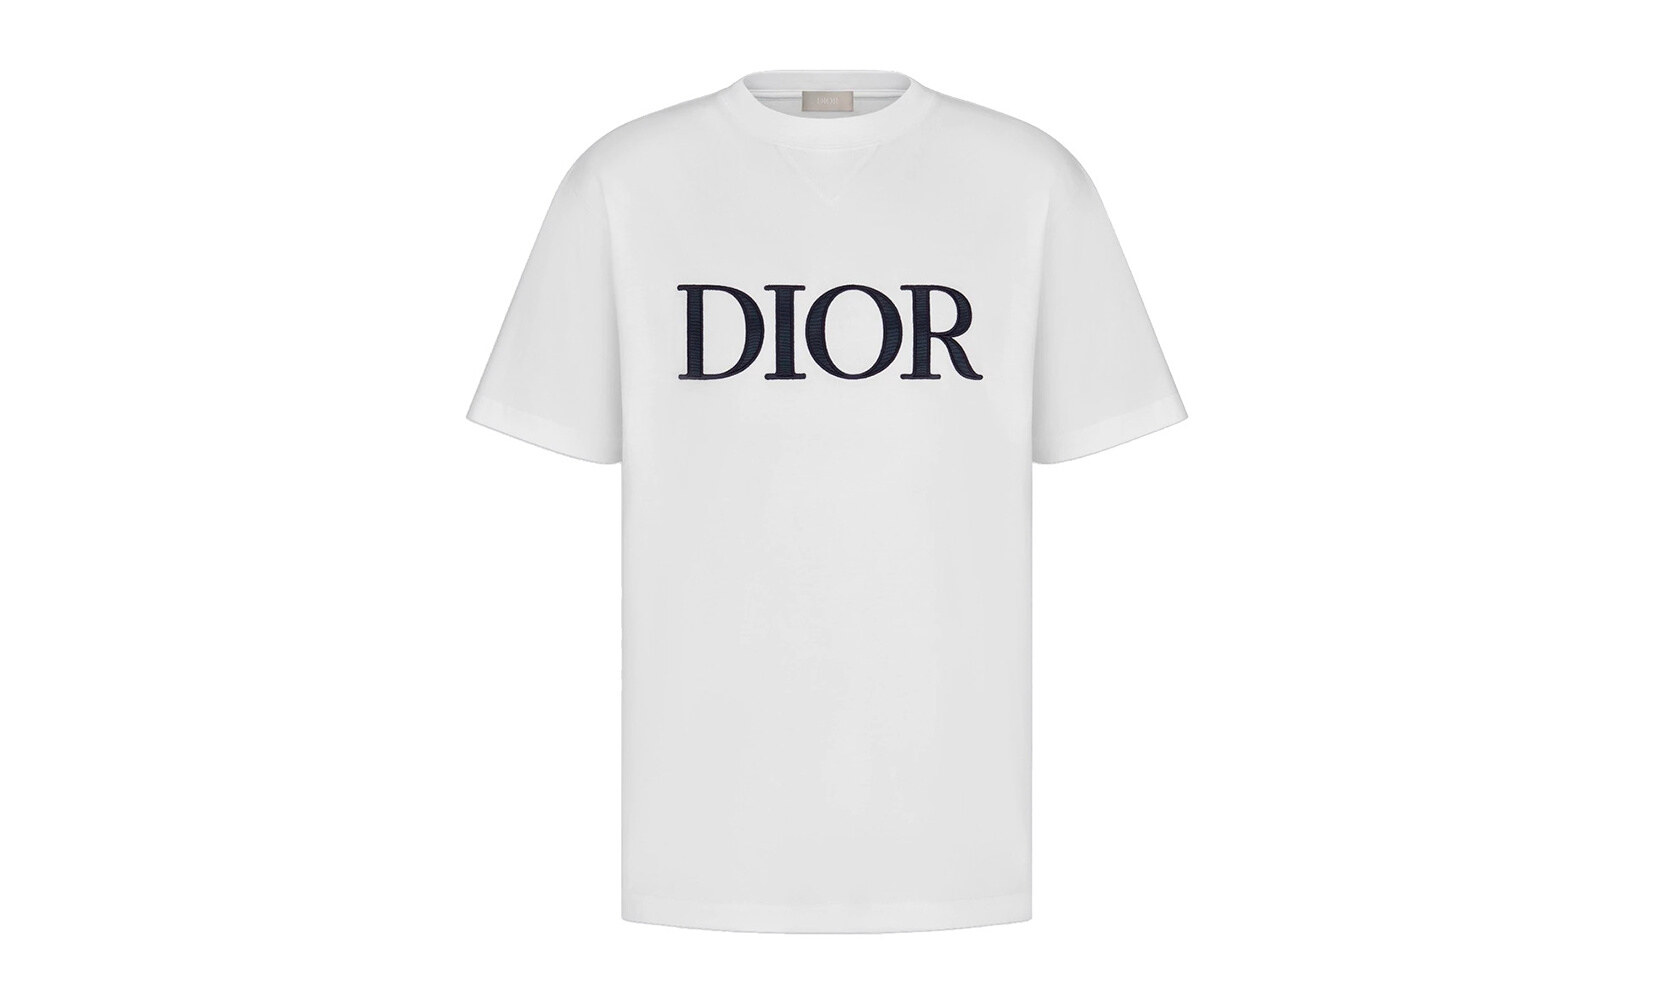 Dior x Amoako Boafo